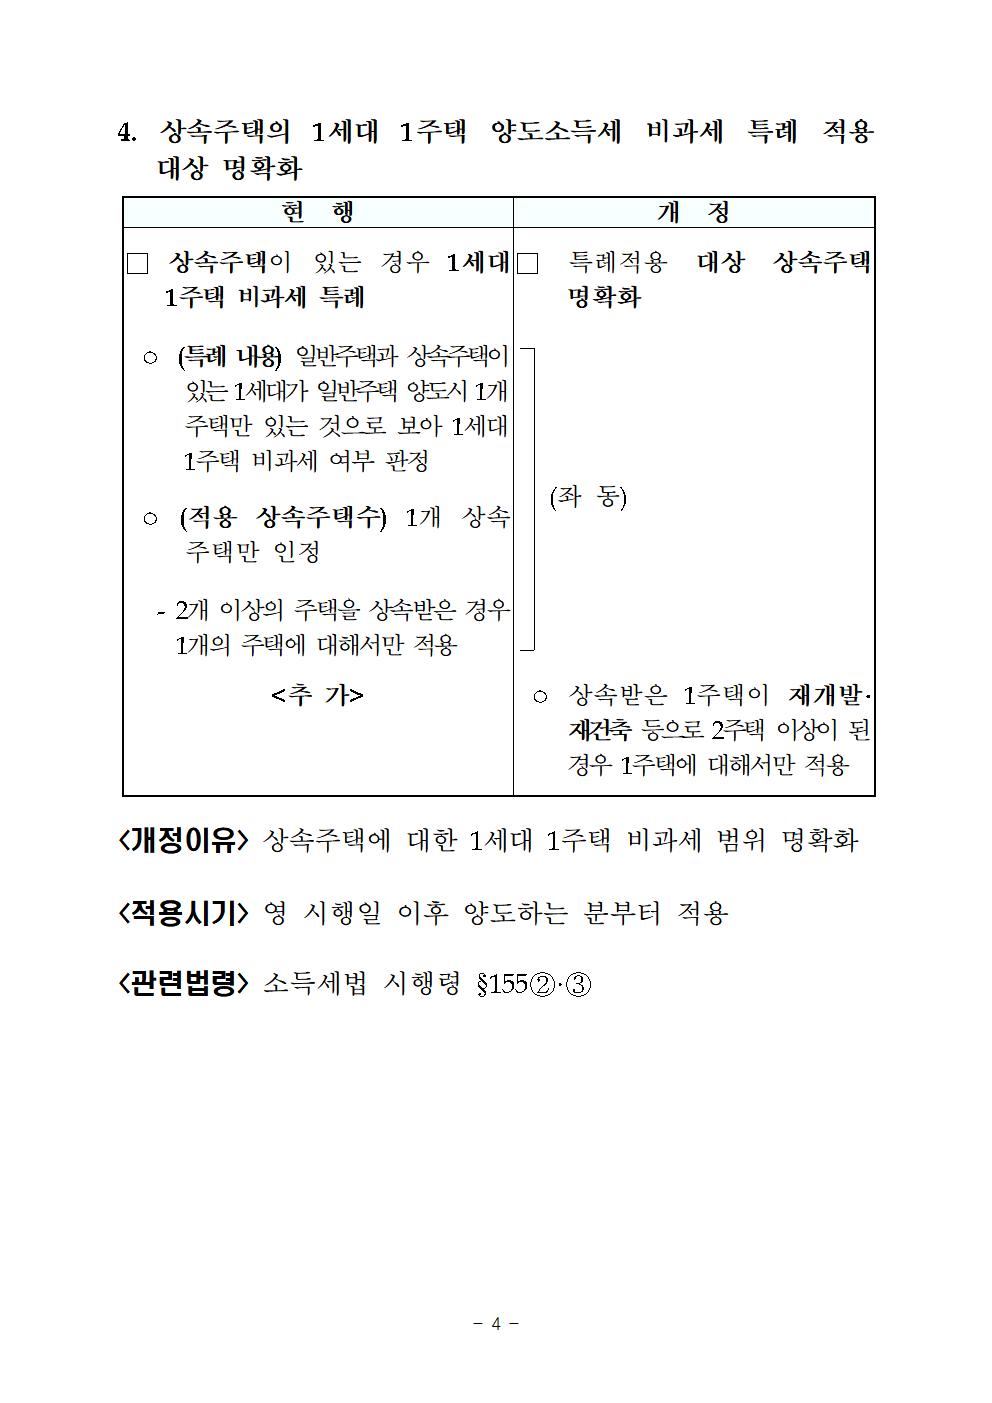 2019년세법개정내용(양도소득세분야)009.png